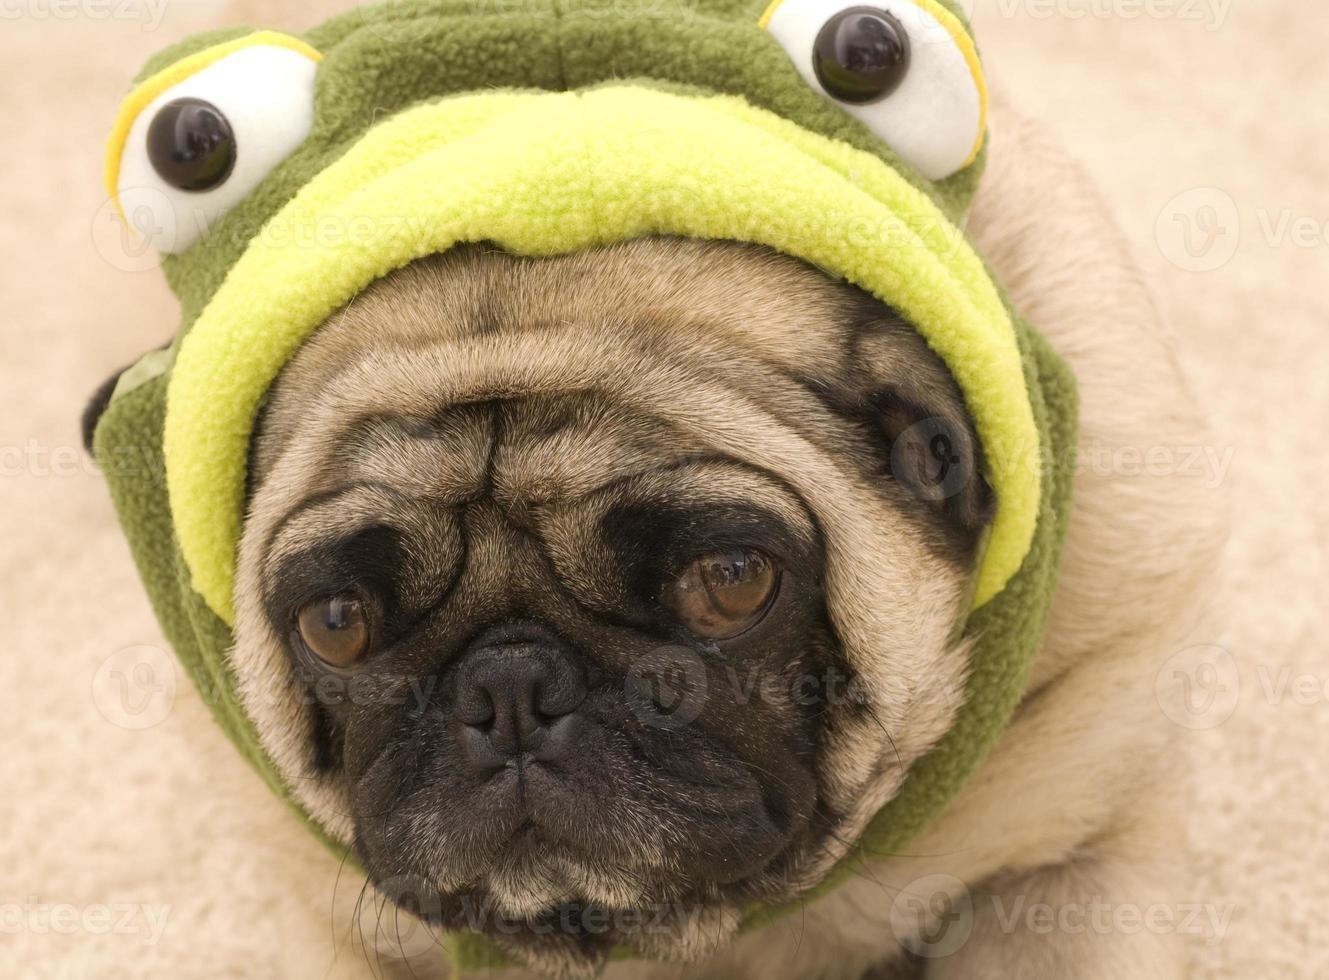 simpatico carlino in costume da tartaruga foto